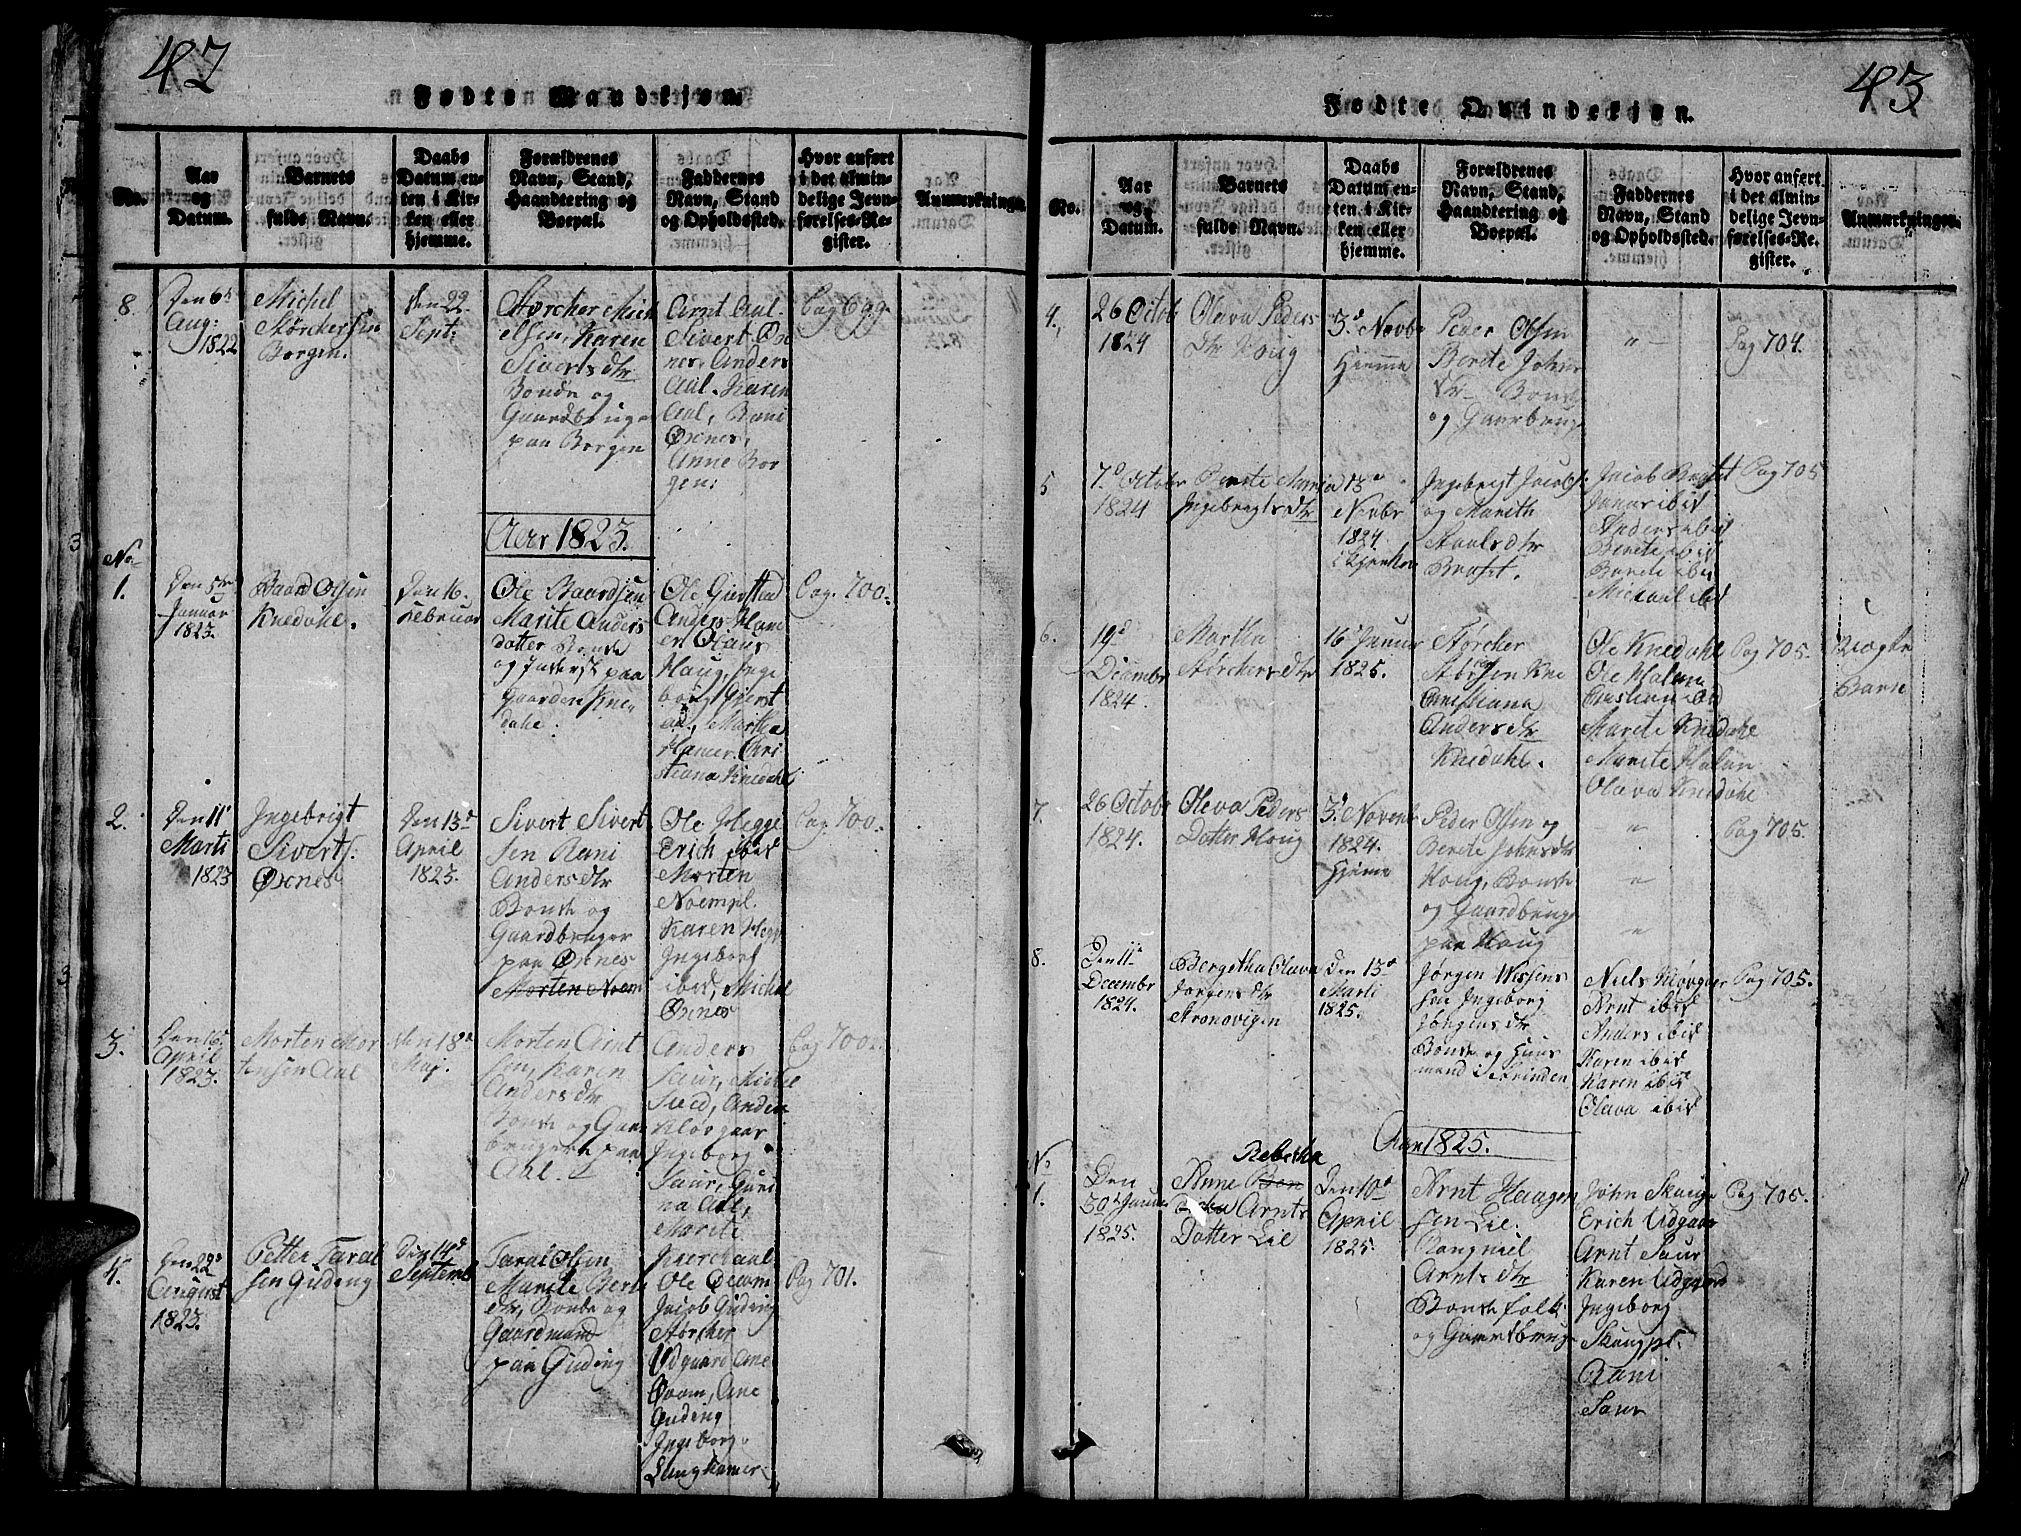 SAT, Ministerialprotokoller, klokkerbøker og fødselsregistre - Nord-Trøndelag, 747/L0459: Klokkerbok nr. 747C01, 1816-1842, s. 42-43